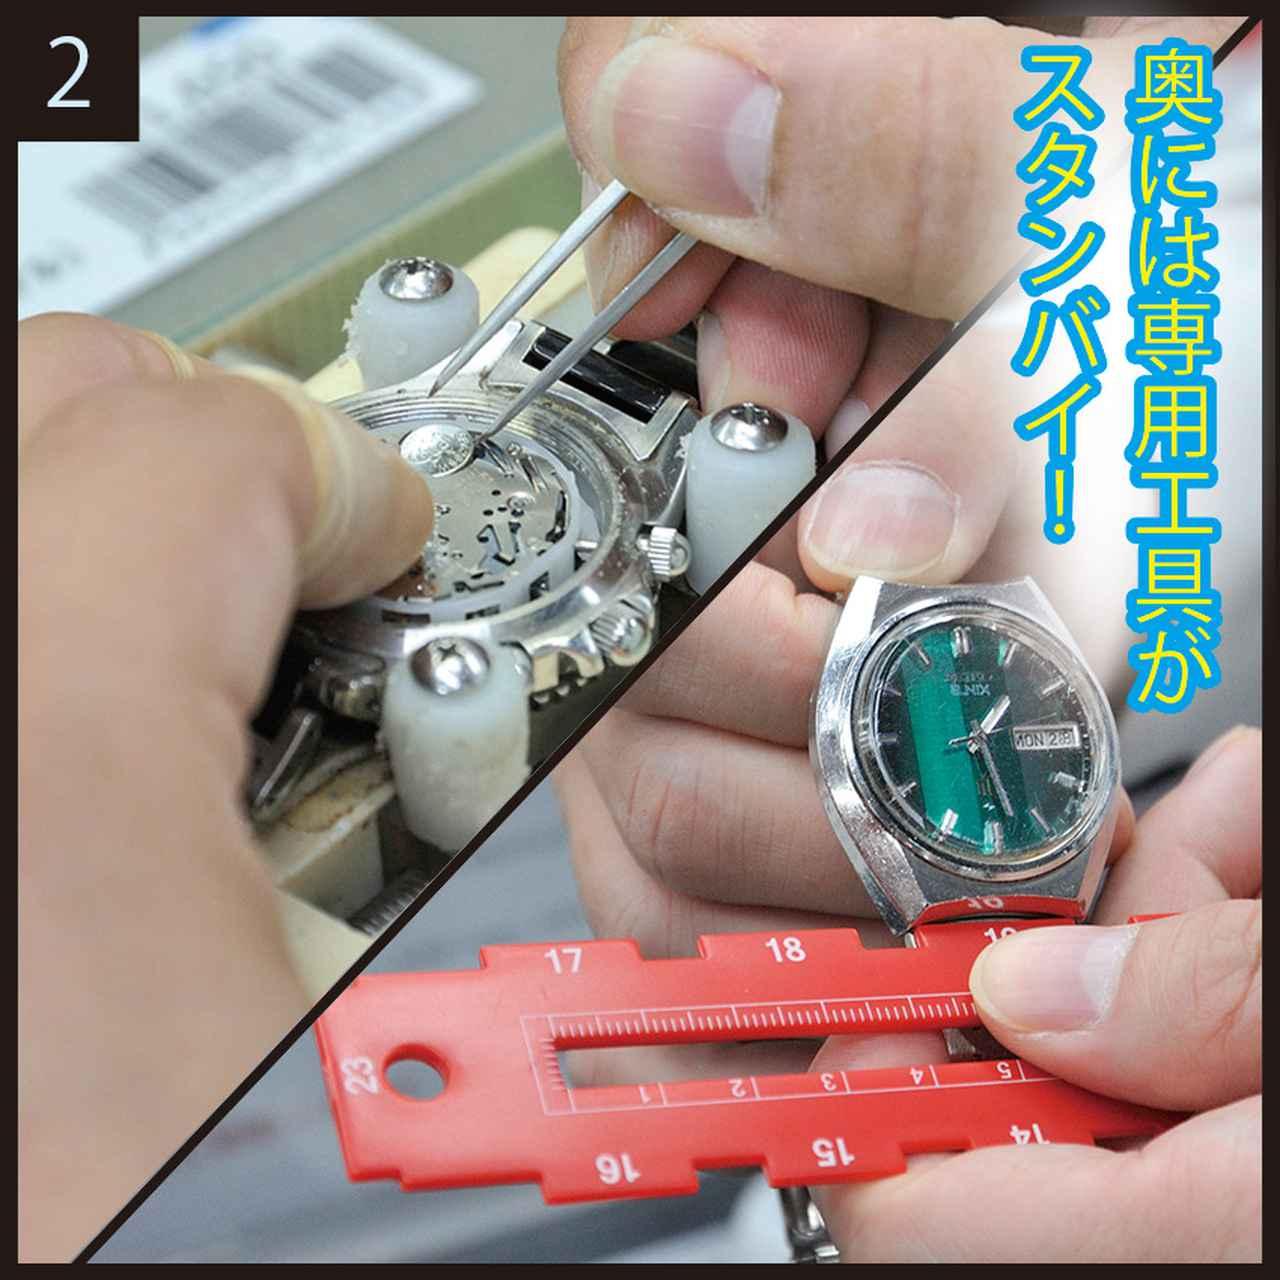 画像2: 電池交換、バンド交換、メンテナンス…。専門スタッフが即座に対応してくれる大人気の時計修理コーナー